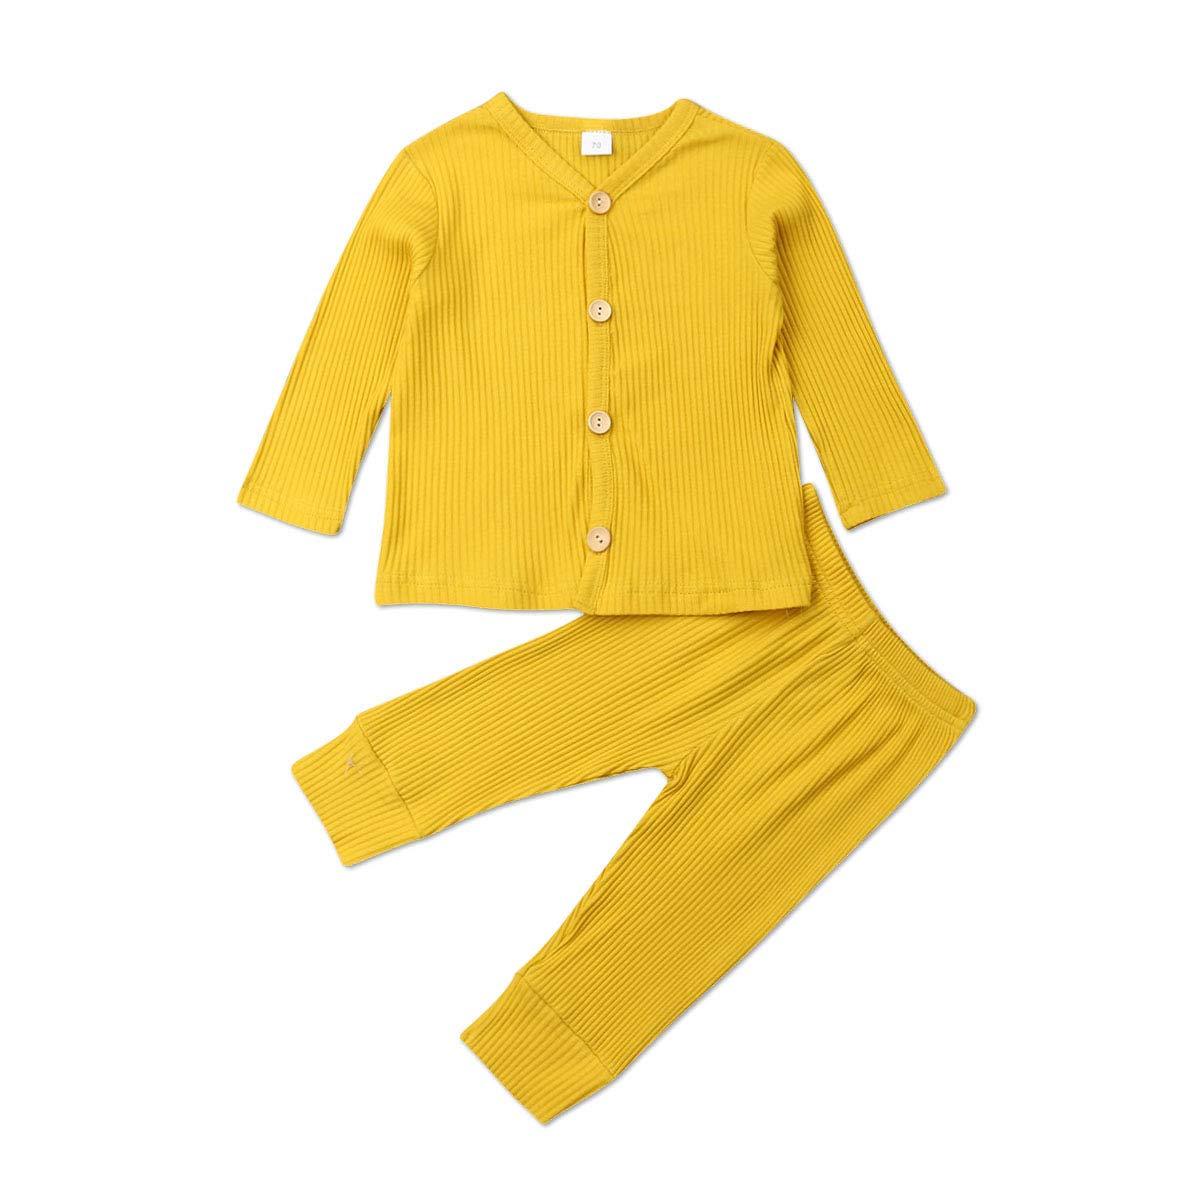 Conjunto de pijama de manga larga con botones y pantalones largos, de algodón de dos piezas 1